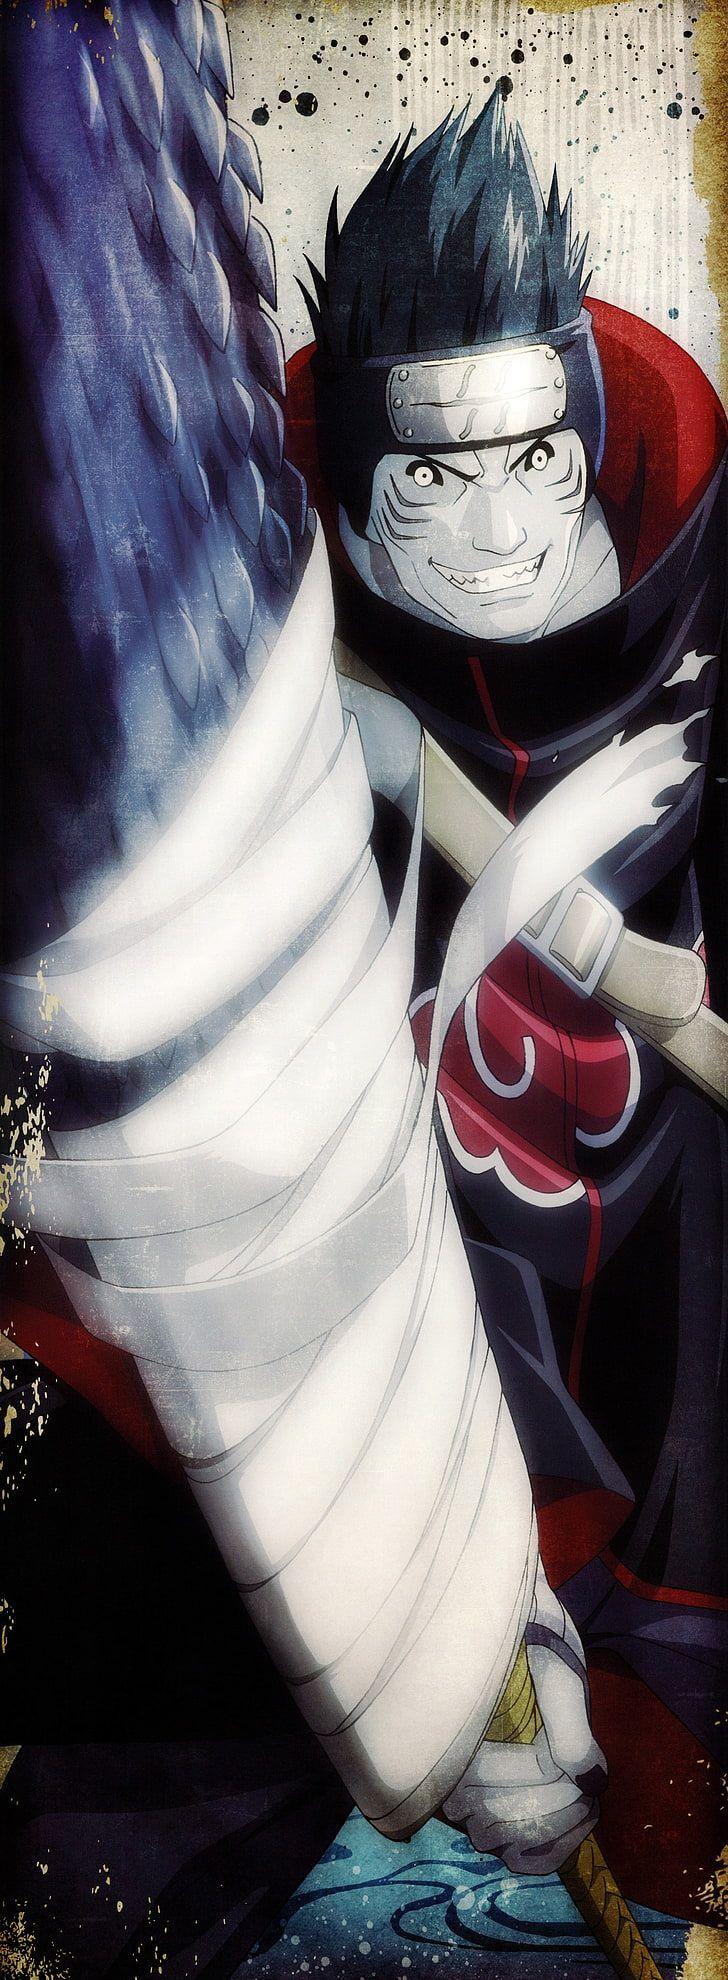 Kisame of Akatsuki digital wallpaper, Naruto Shippuuden